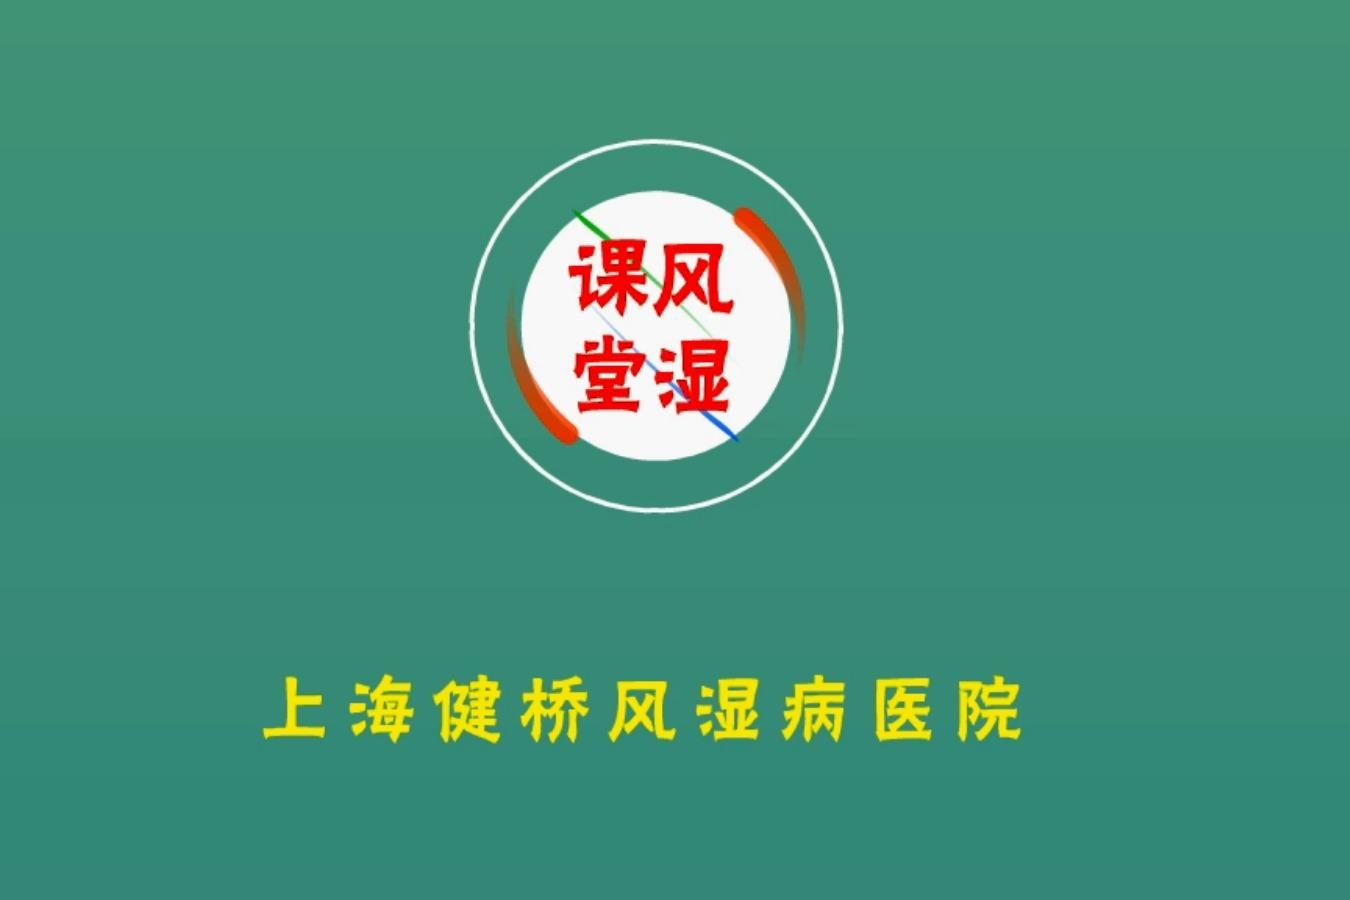 上海健桥医院刘大顺医生讲解:风湿关节炎是由什么引发的